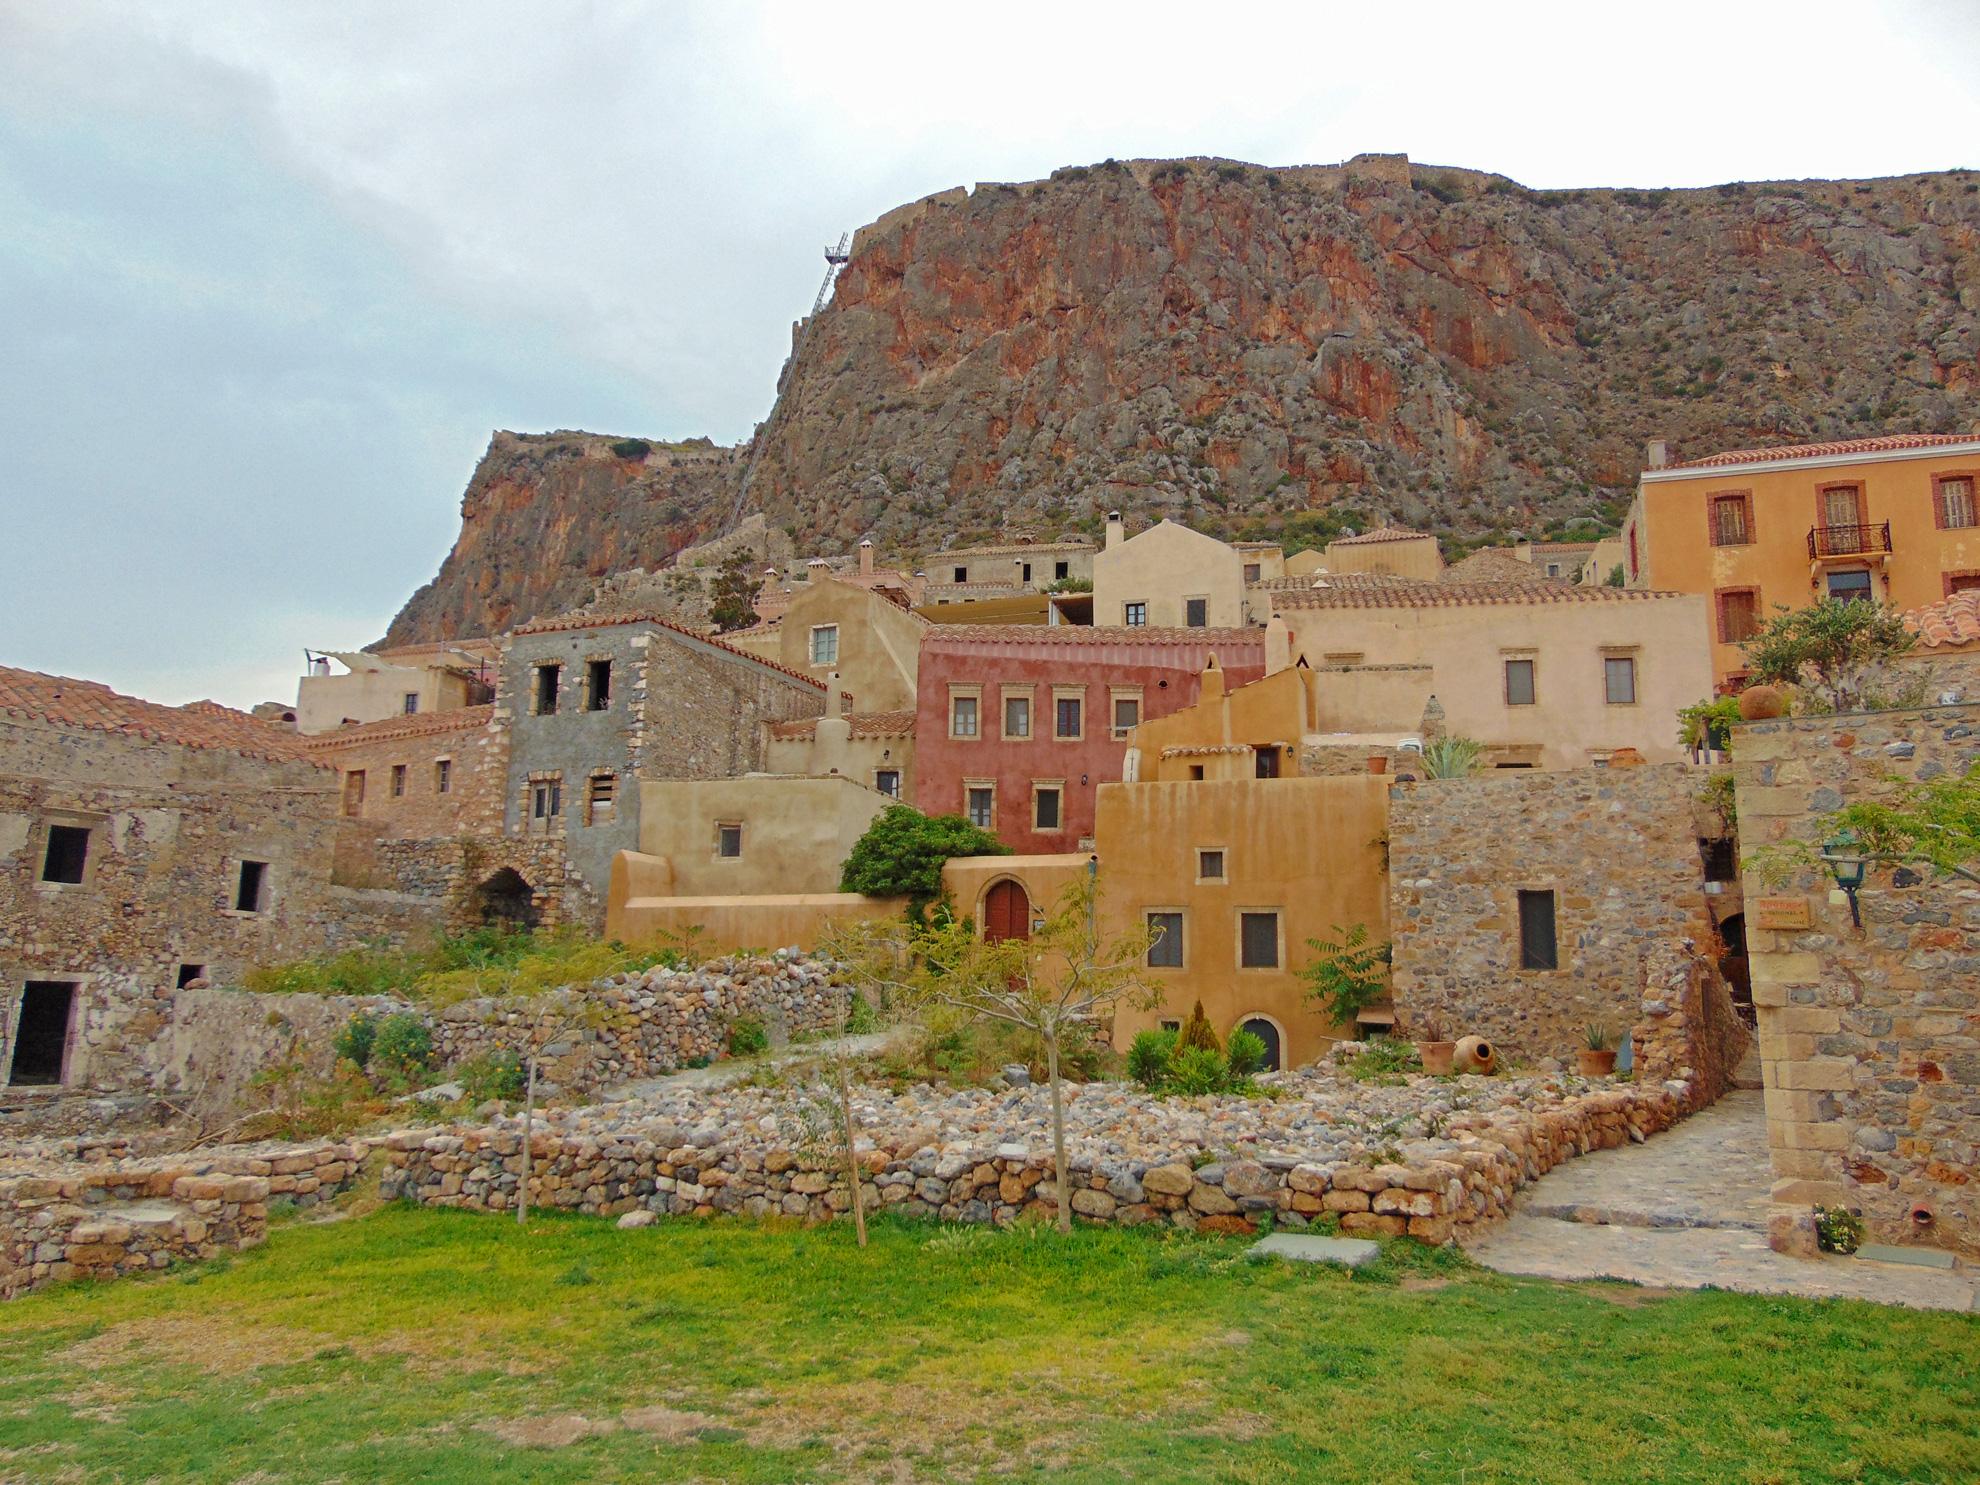 Am Fuße des Felsens liegen hübsche Häuser